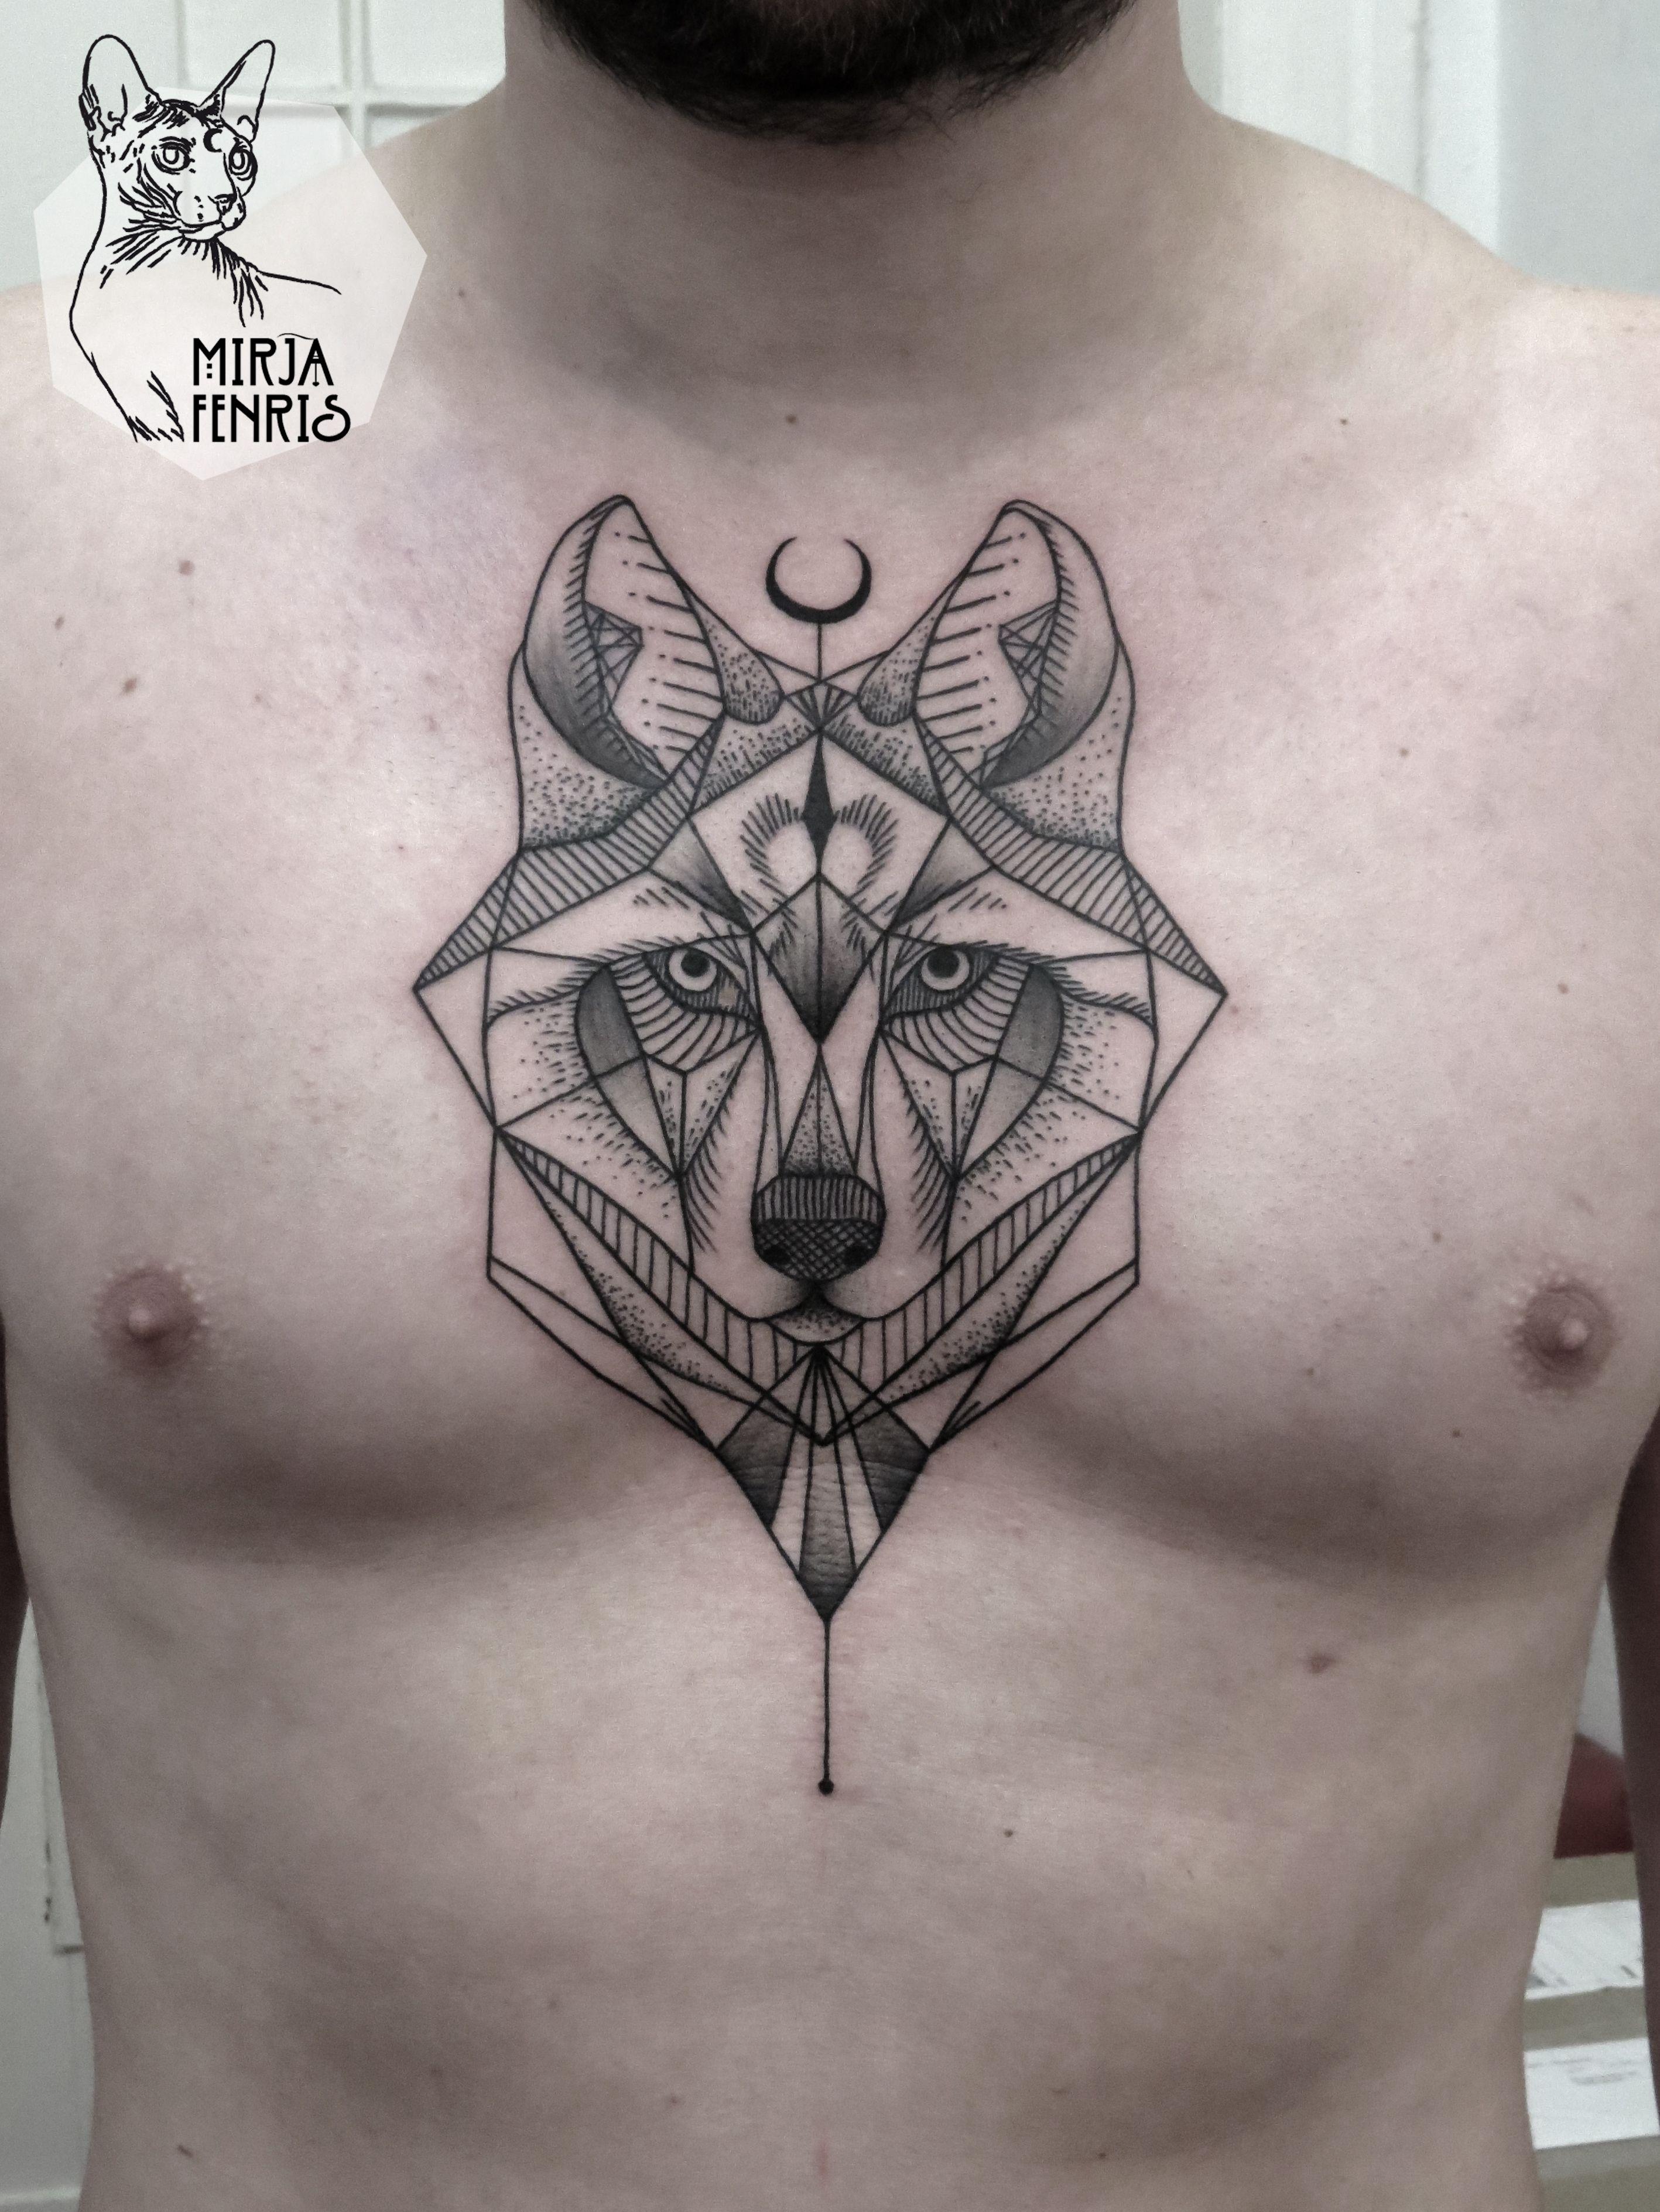 Mirja Fenris Tattoo … | Pinteres…